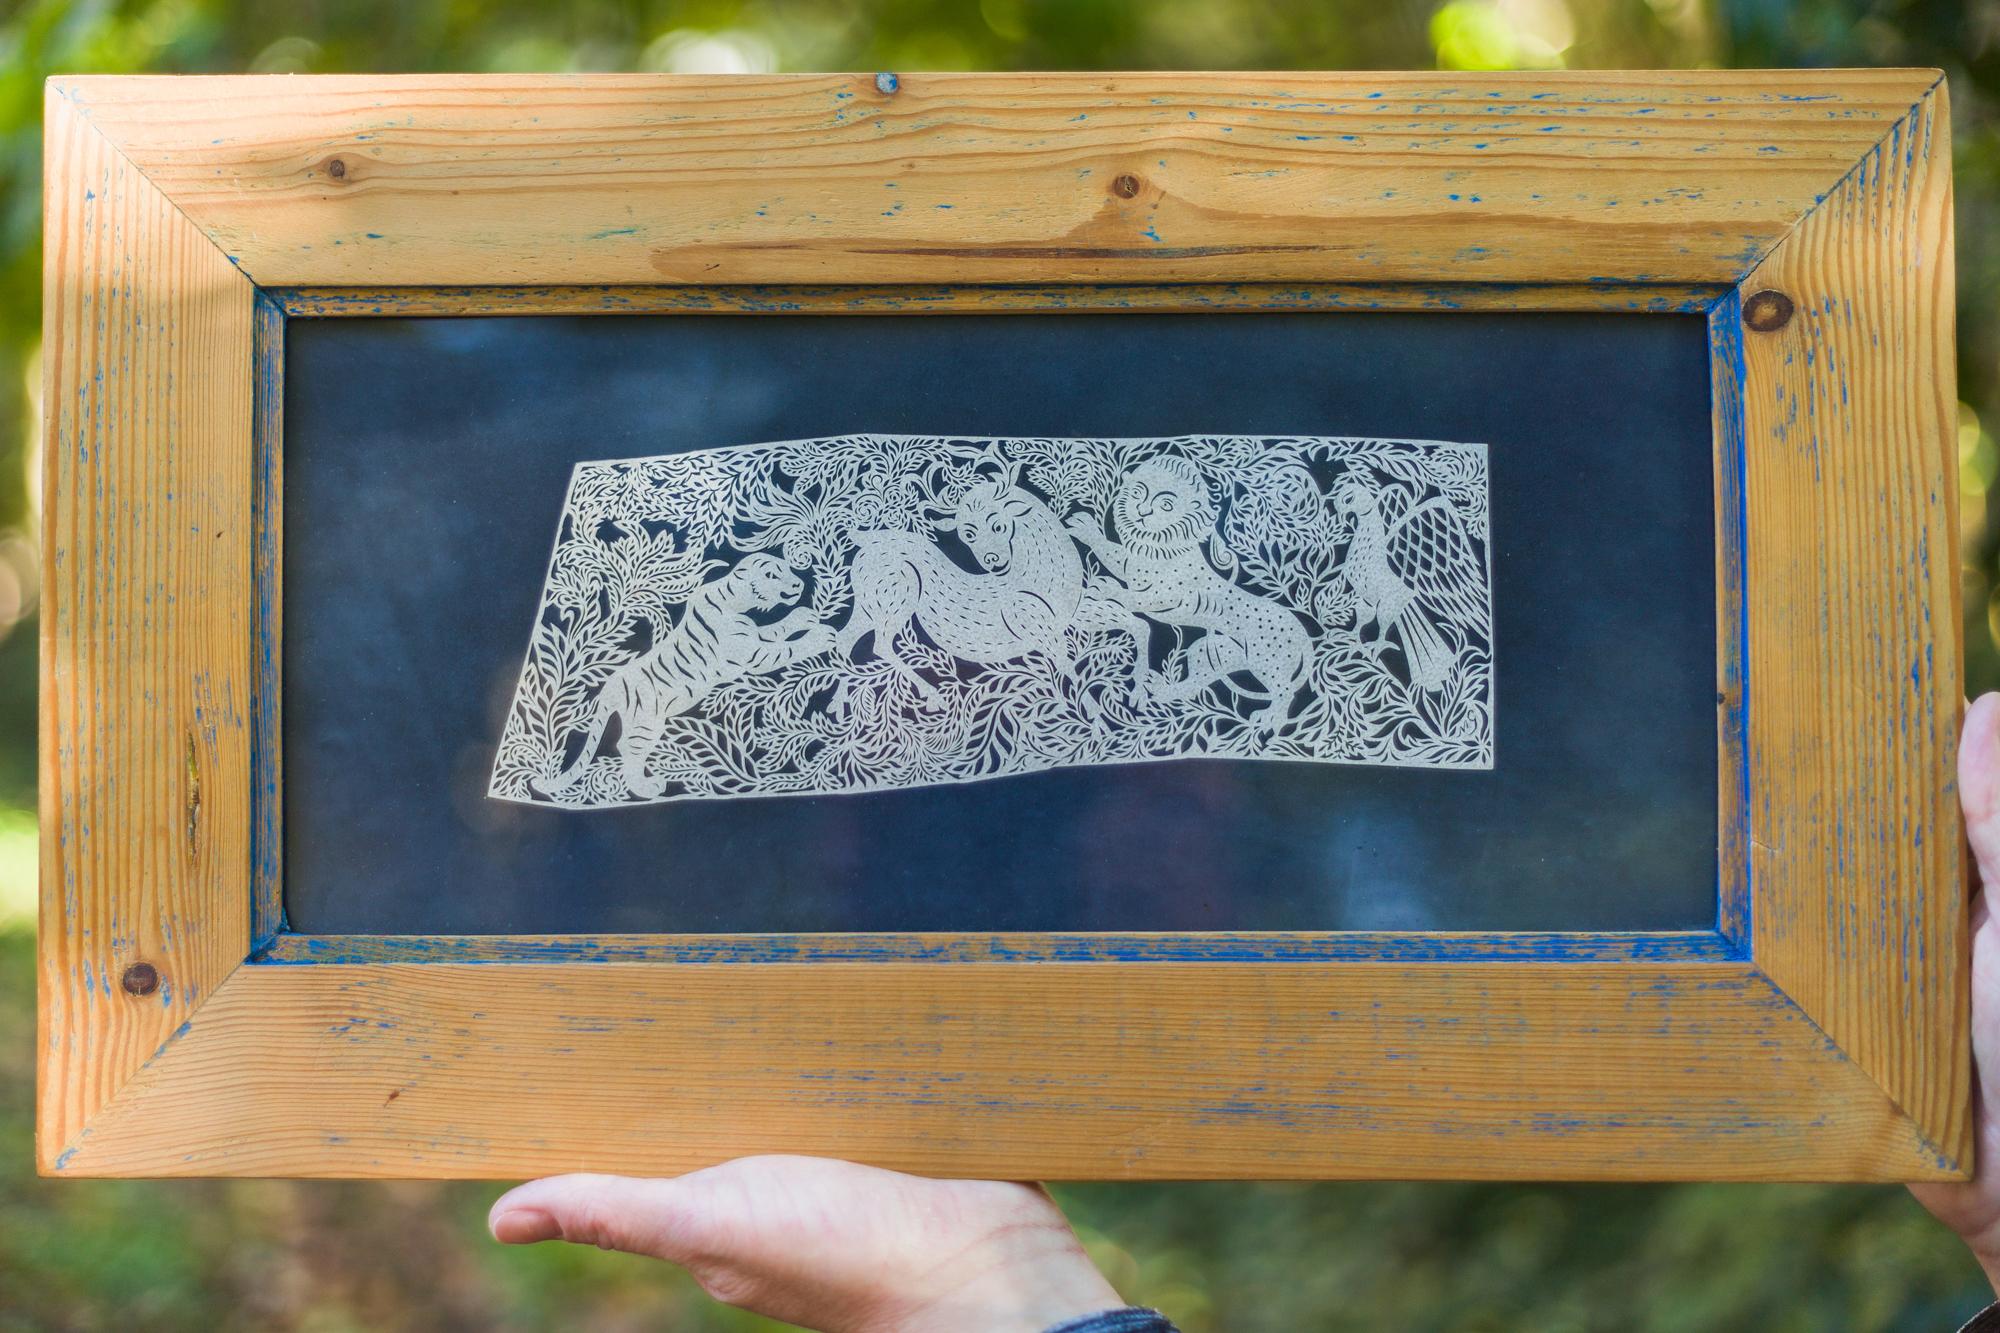 Wycinanka wykonana w pergaminie (skórze zwierzęcej), materiale trudnym do opracowania.